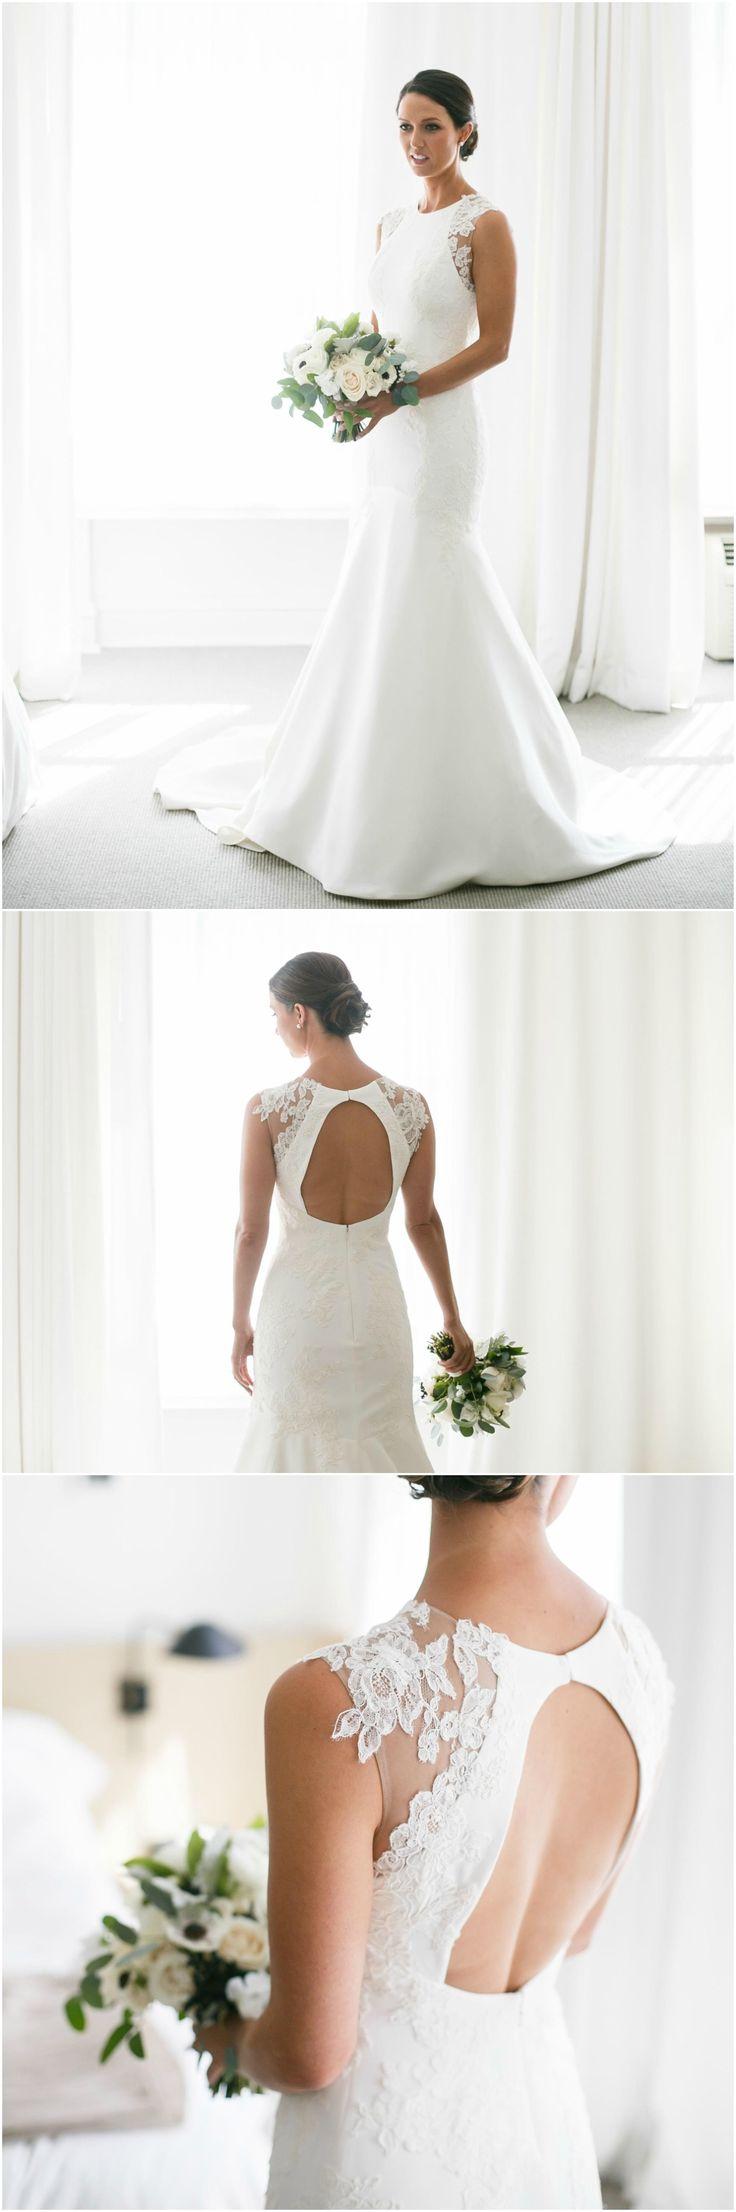 Satin wedding dress, white, keyhole back, lace cap sleeve, classic elegance // Averyhouse